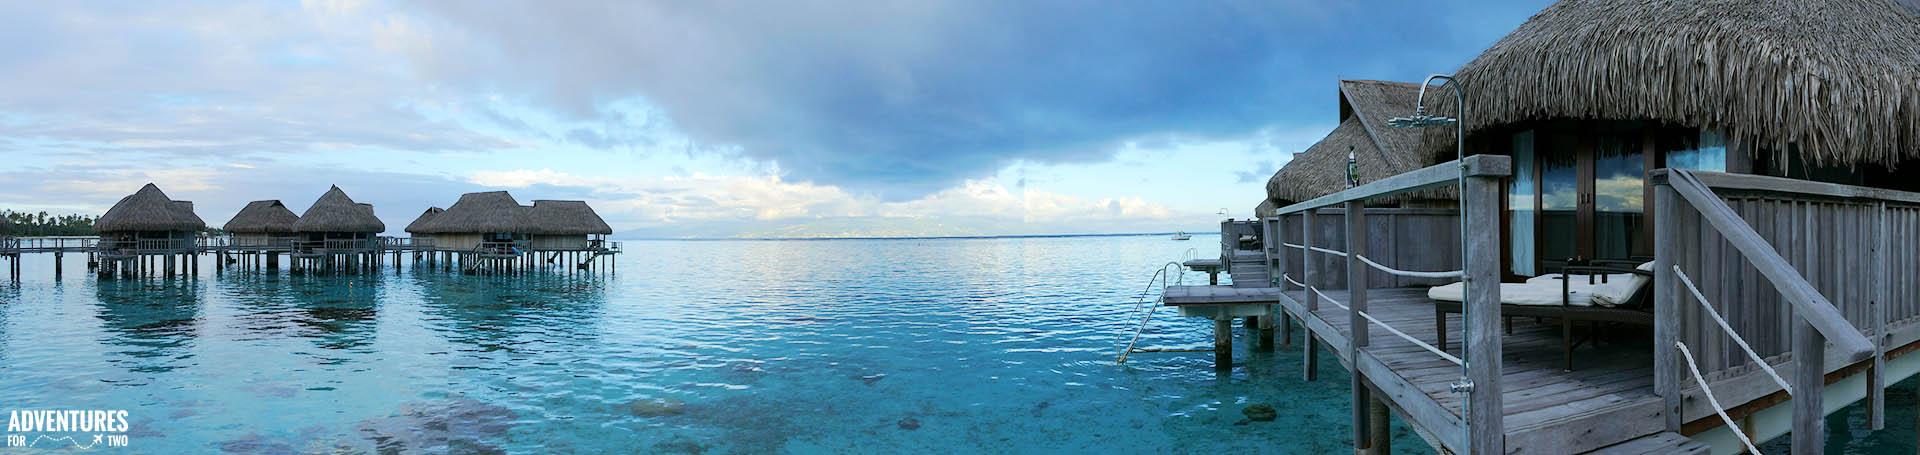 sofitel moorea overwater bungalow